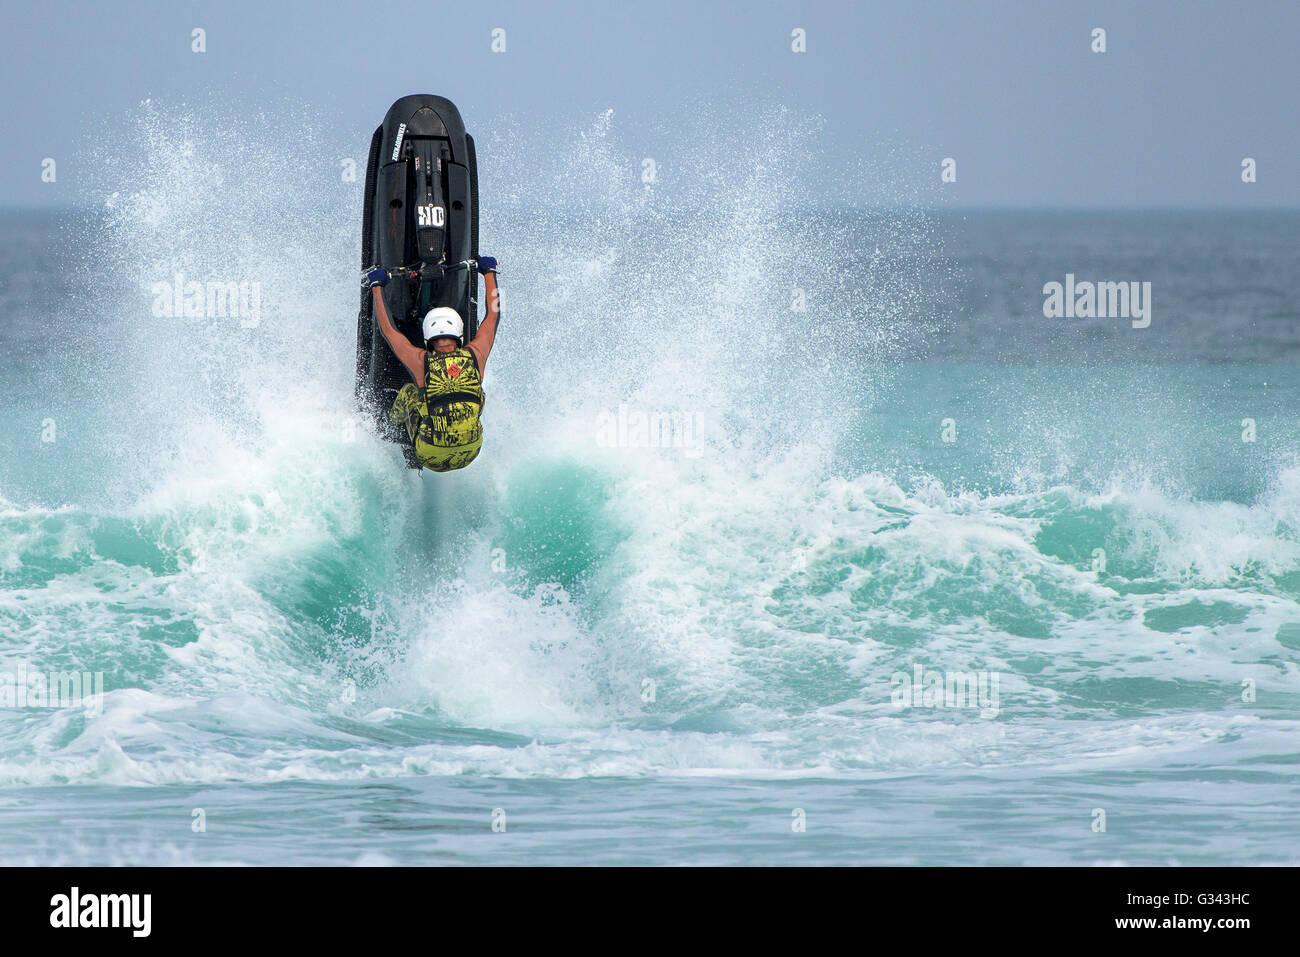 Espectacular acción acrobática proporcionados por los competidores en el campeonato IFWA jetski en Fistral, Imagen De Stock